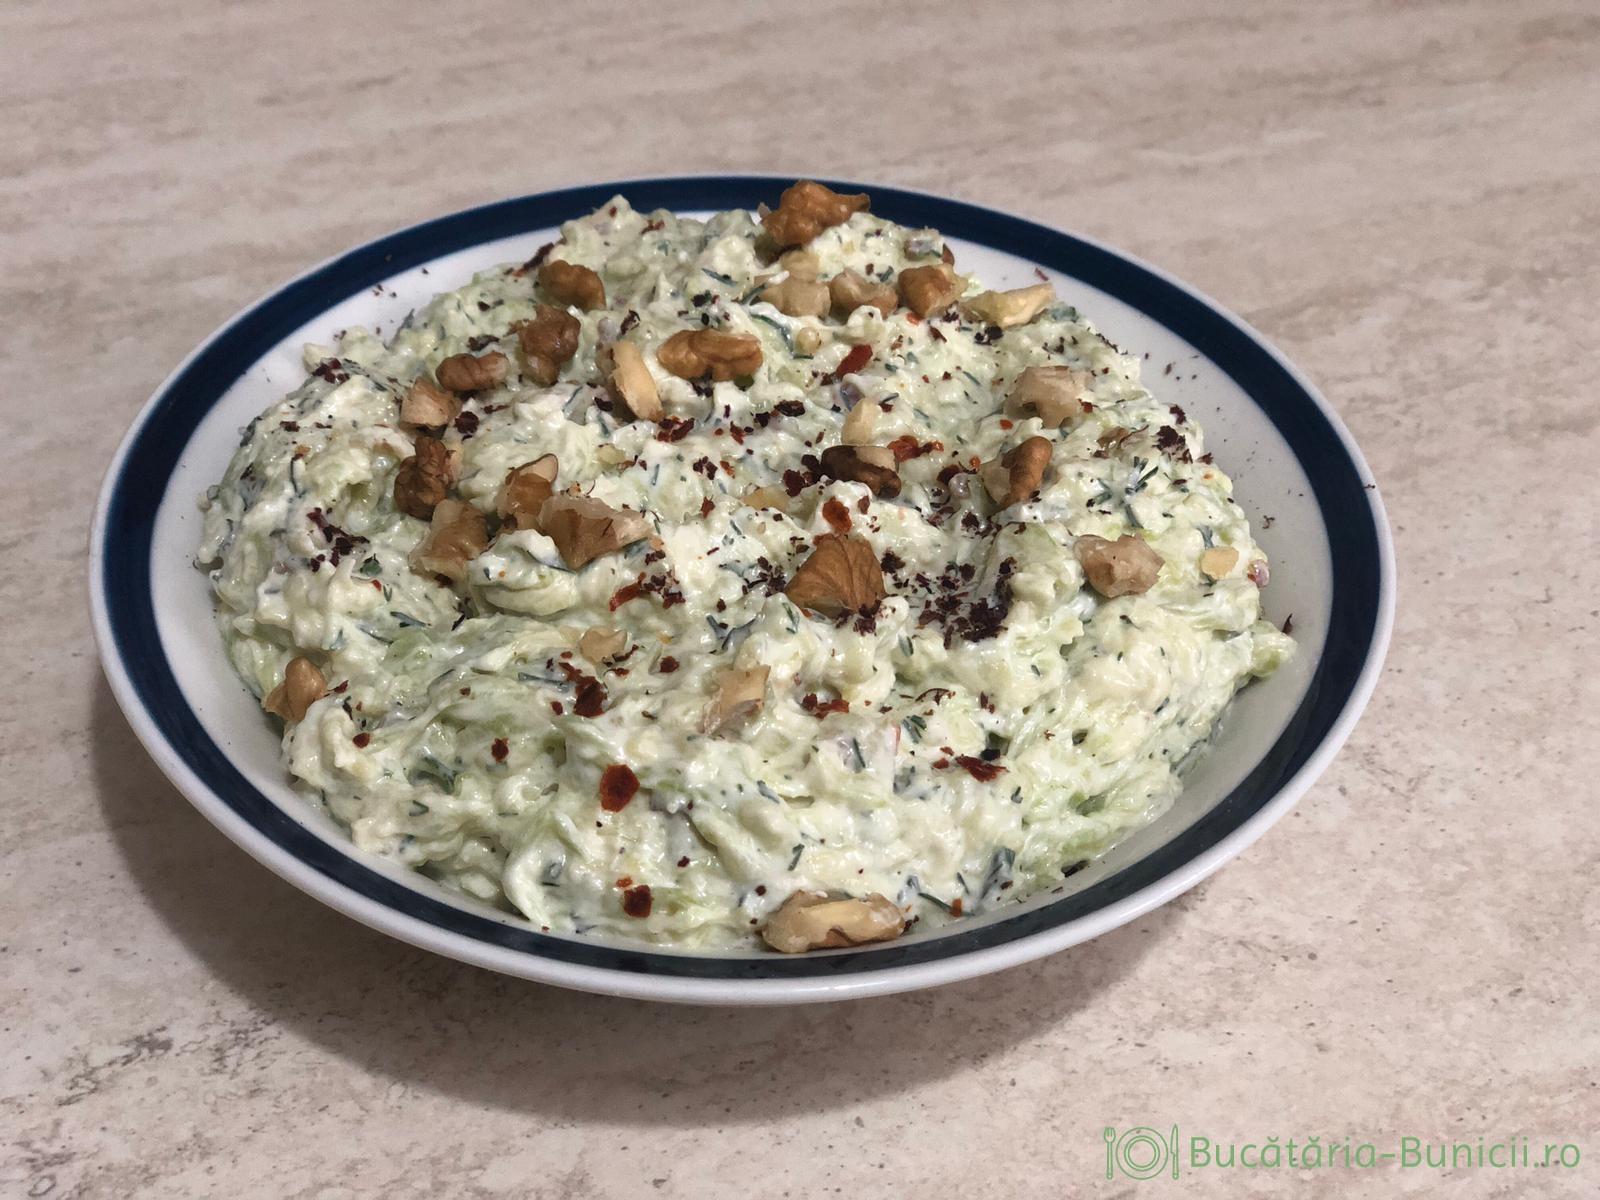 Salata turceasca de dovlecei cu iaurt și usturoi